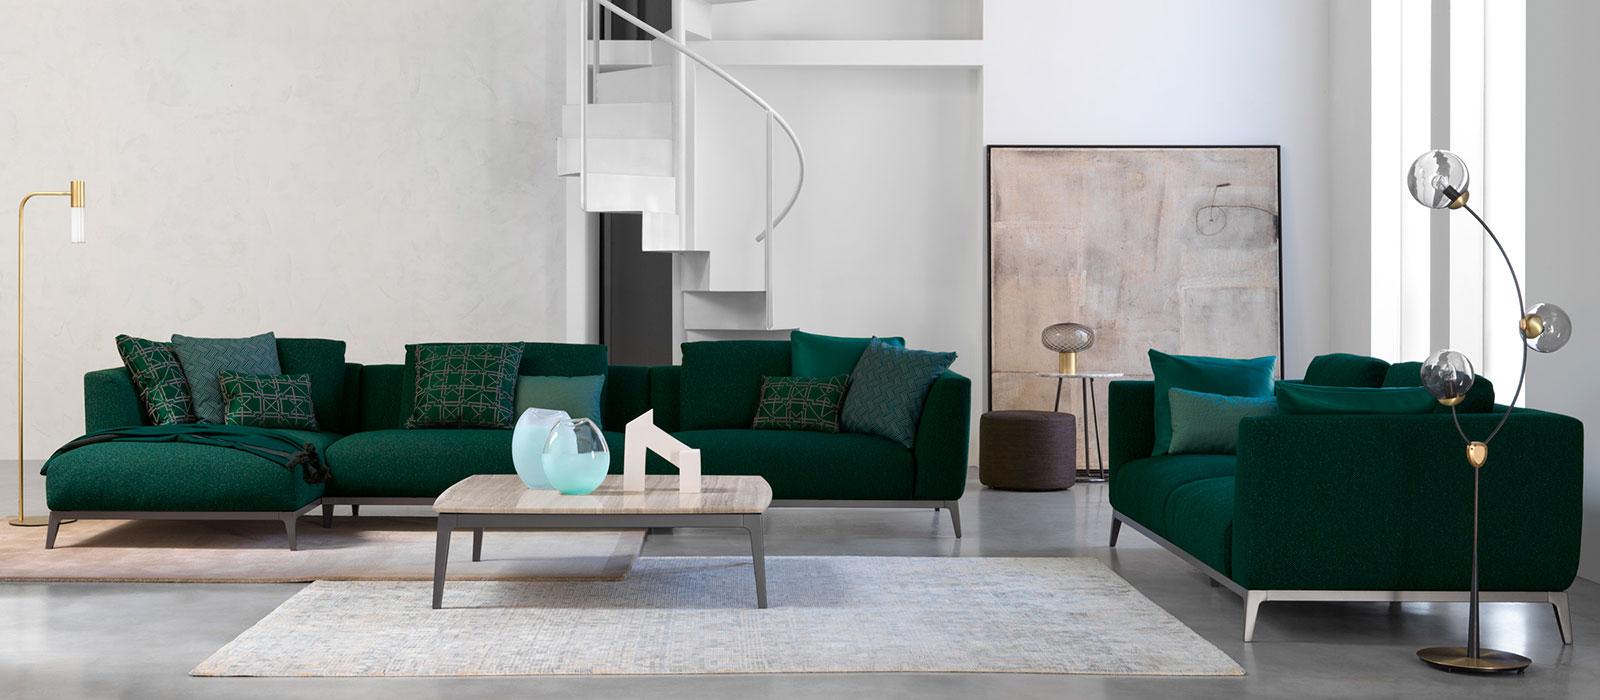 consigli per divano